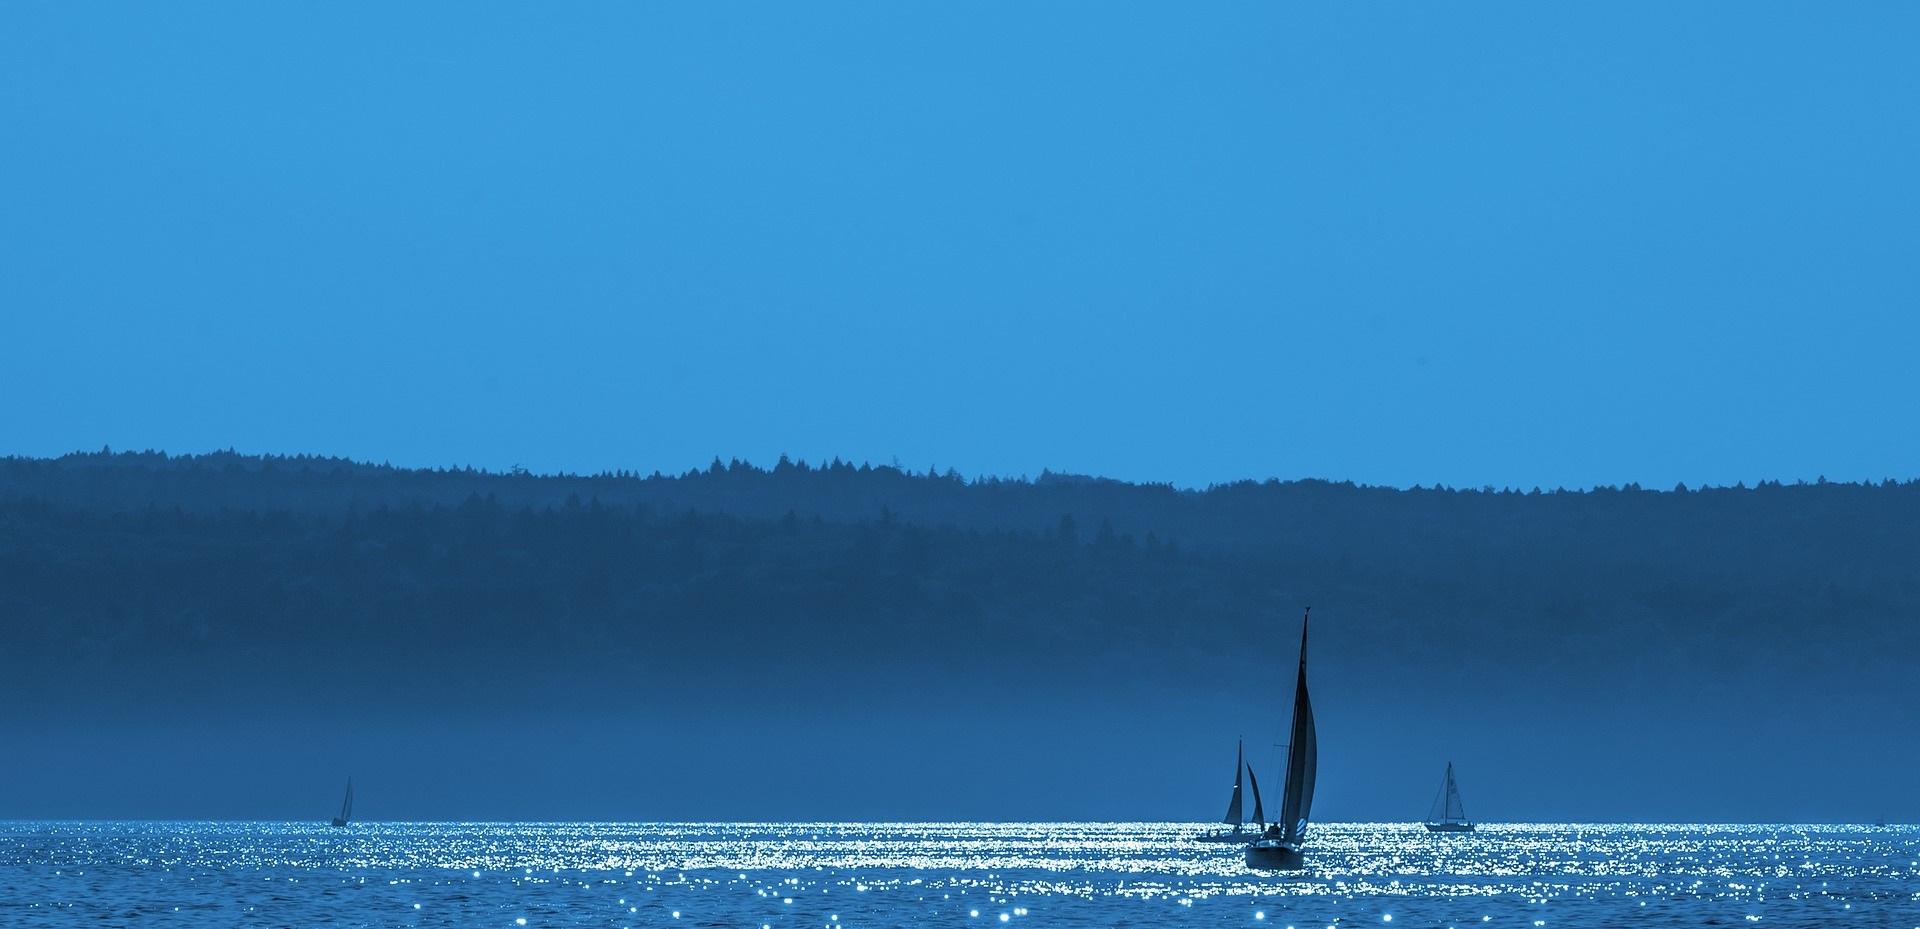 Blå bakgrundsbild, hav med segelbåtar.